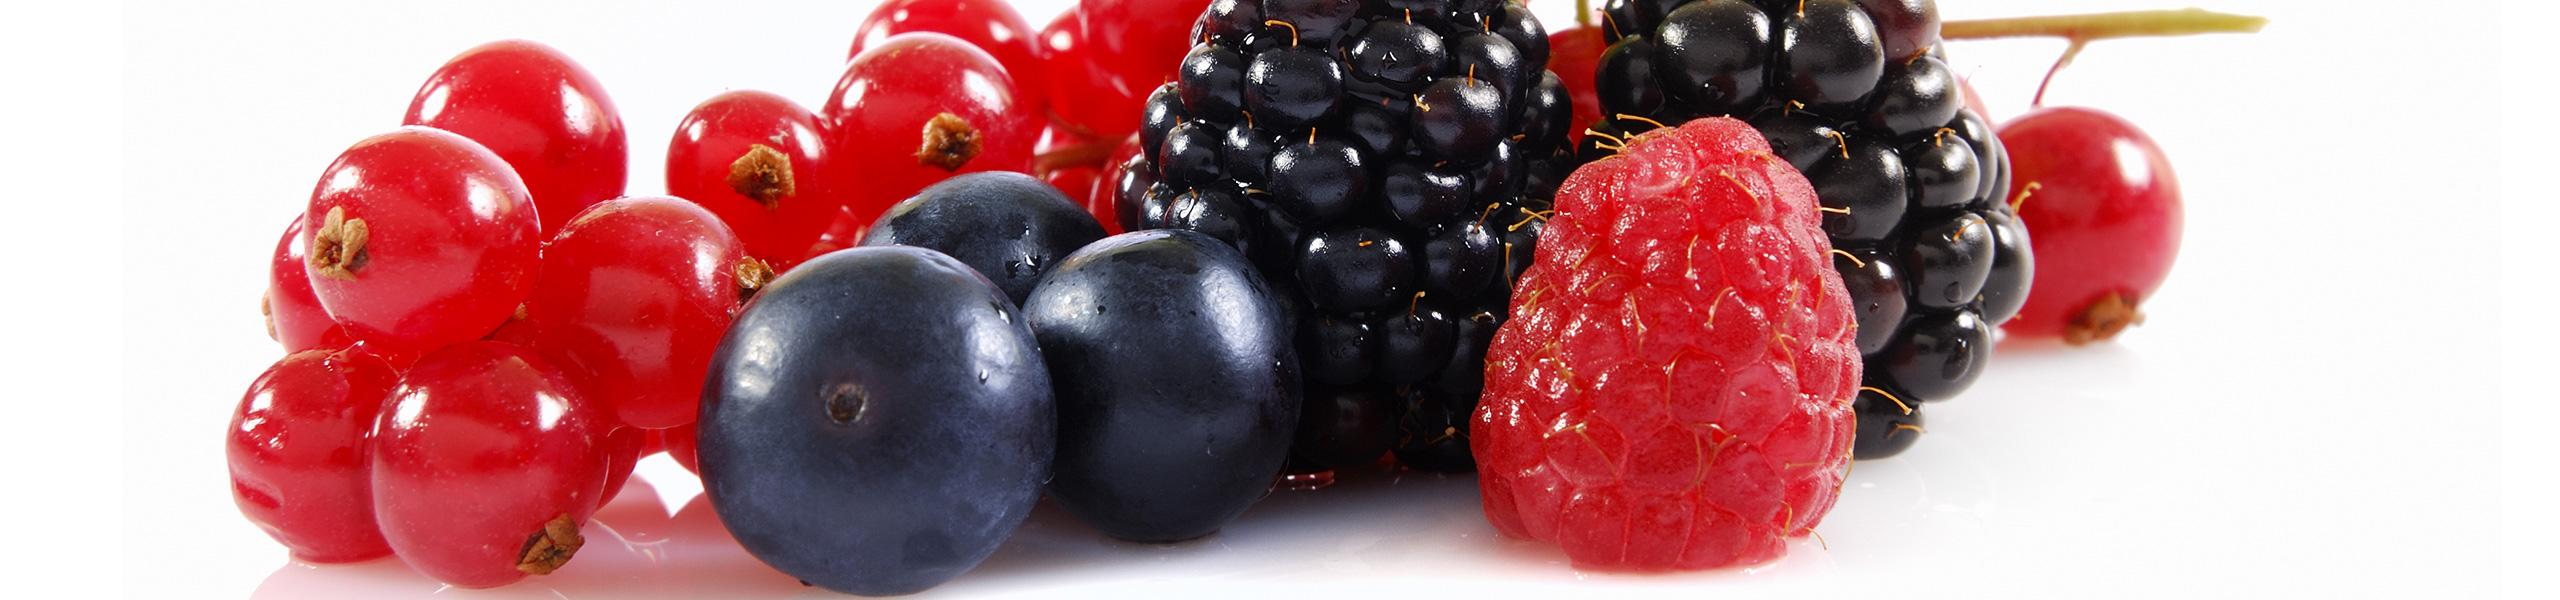 Dolcefrutto ai frutti di bosco